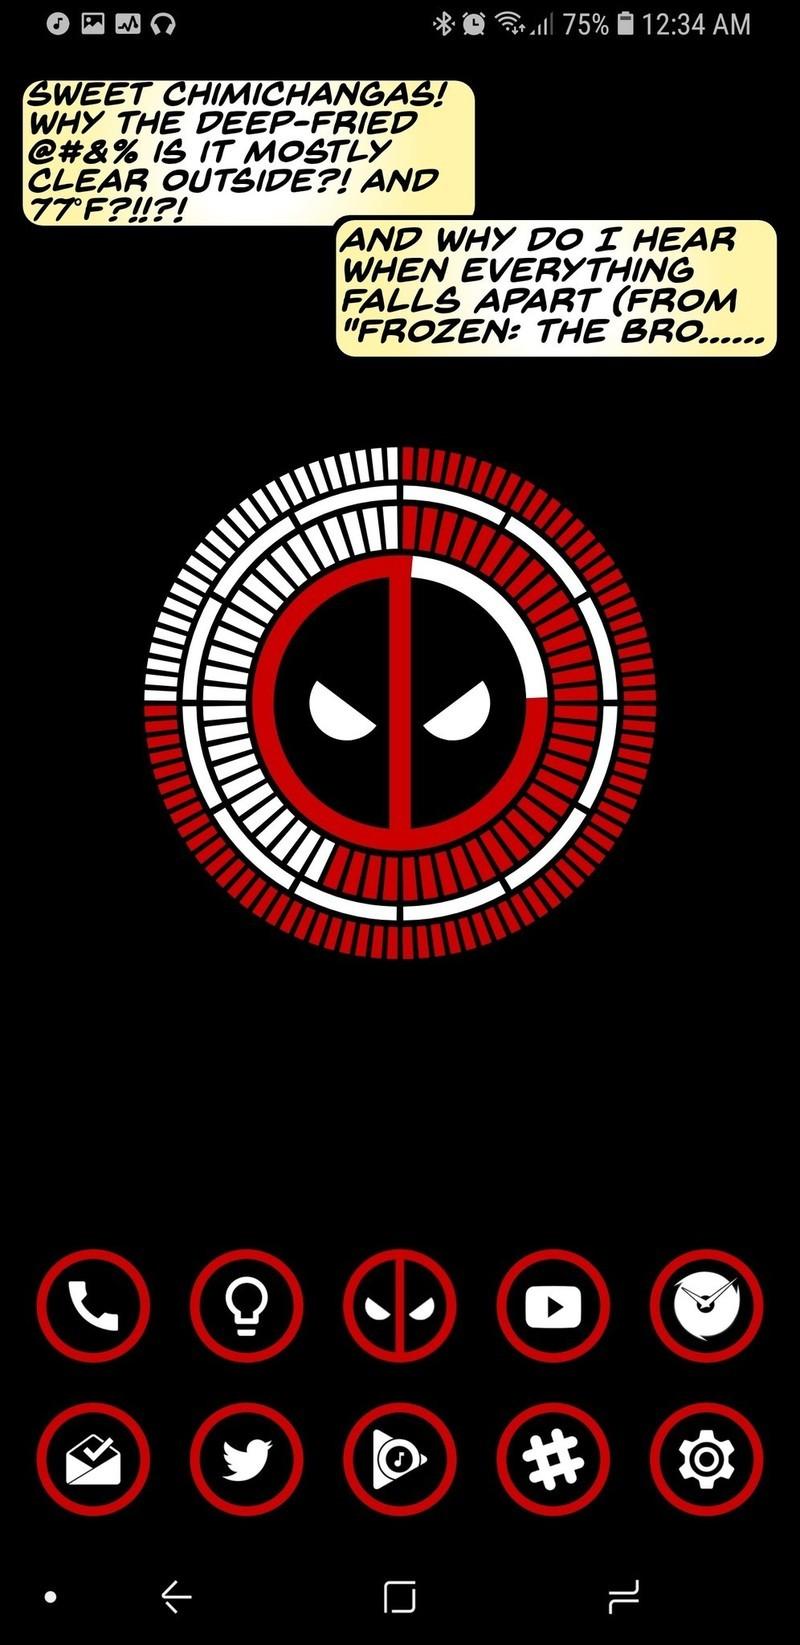 deadpool-18-logo-8.jpg?itok=Zl0qxcuT